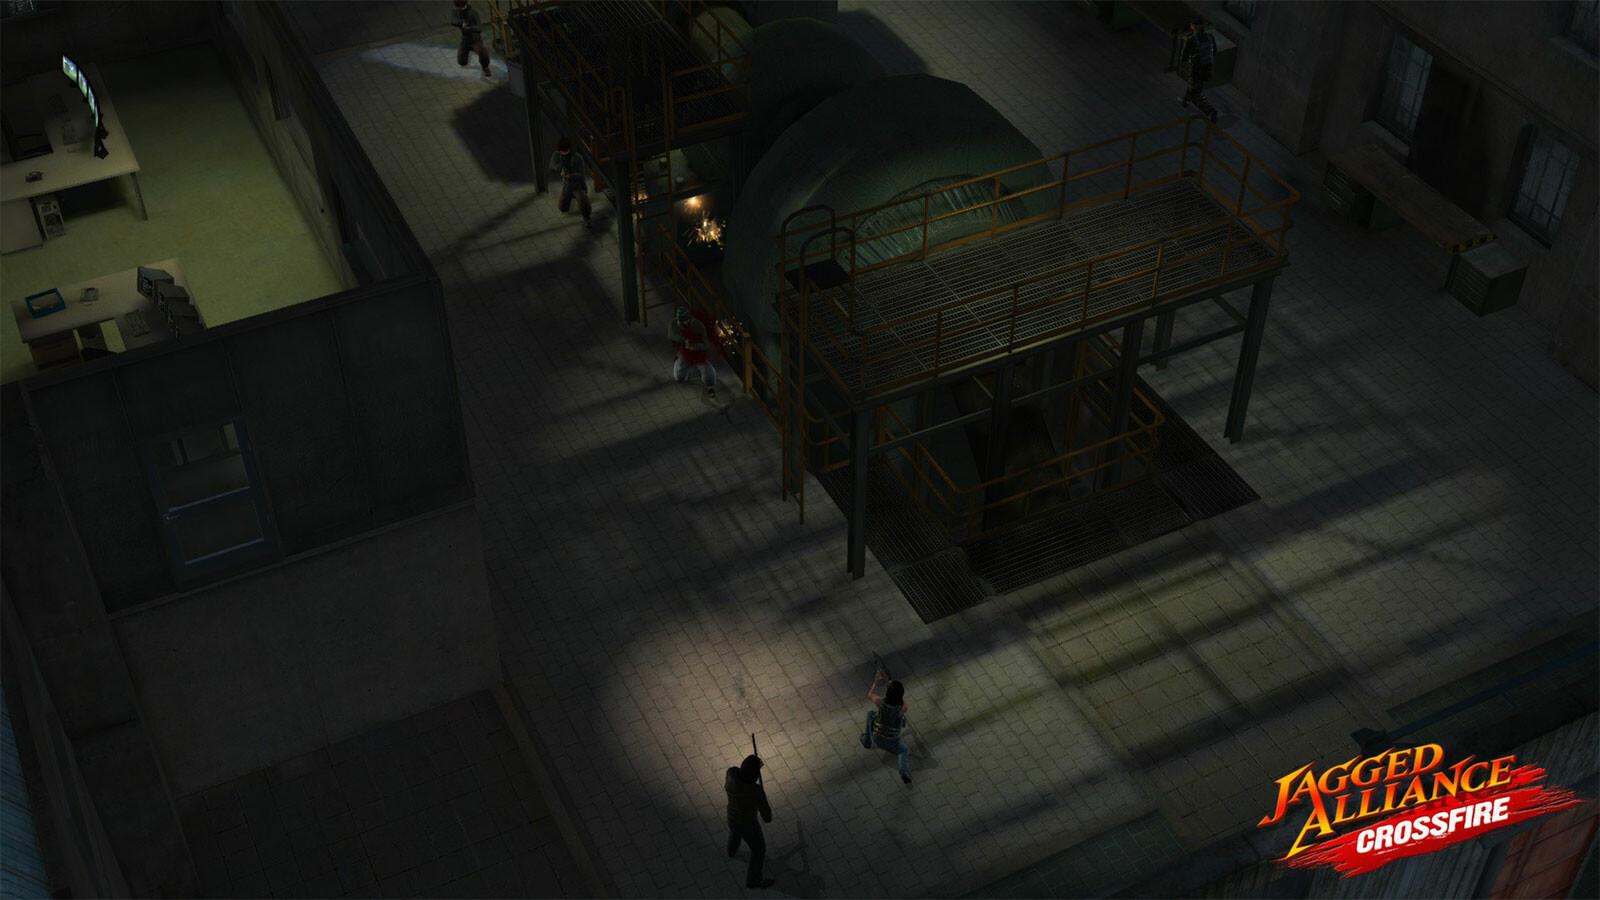 Фото jagged alliance: crossfire лучше передадут атмосферу игры, нежели любые рецензии, обзоры, отзывы